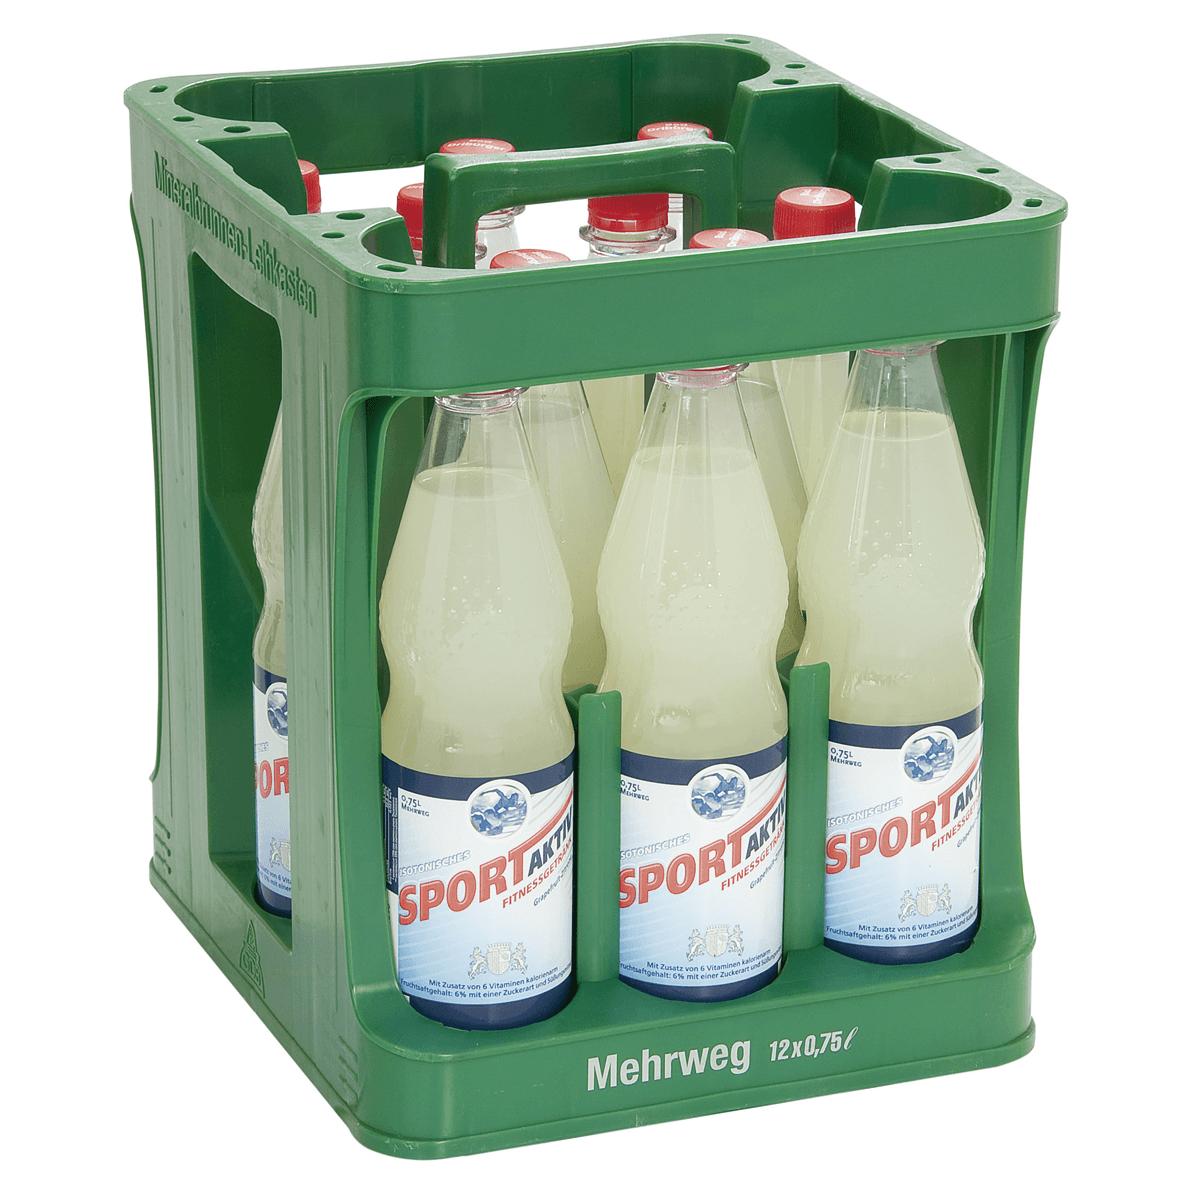 Bad Driburger Sport Aktiv 12 x 0,75L | Energydrinks | Alkoholfreie ...